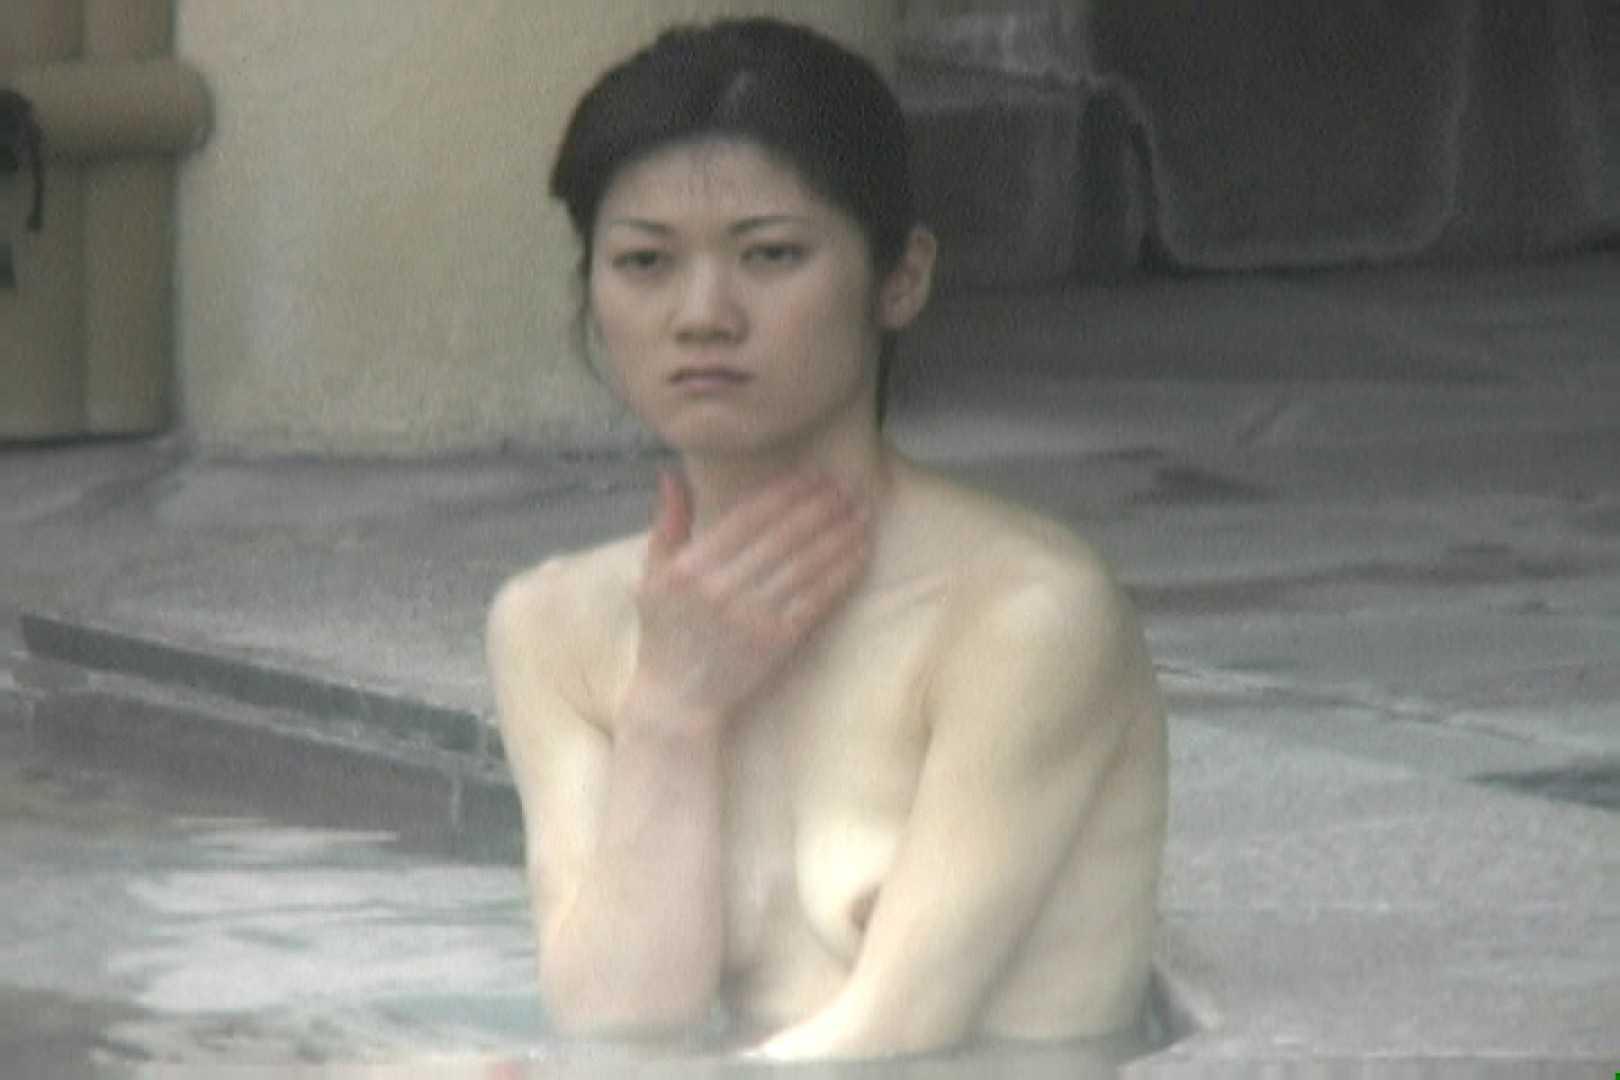 Aquaな露天風呂Vol.686 0   0  83pic 41